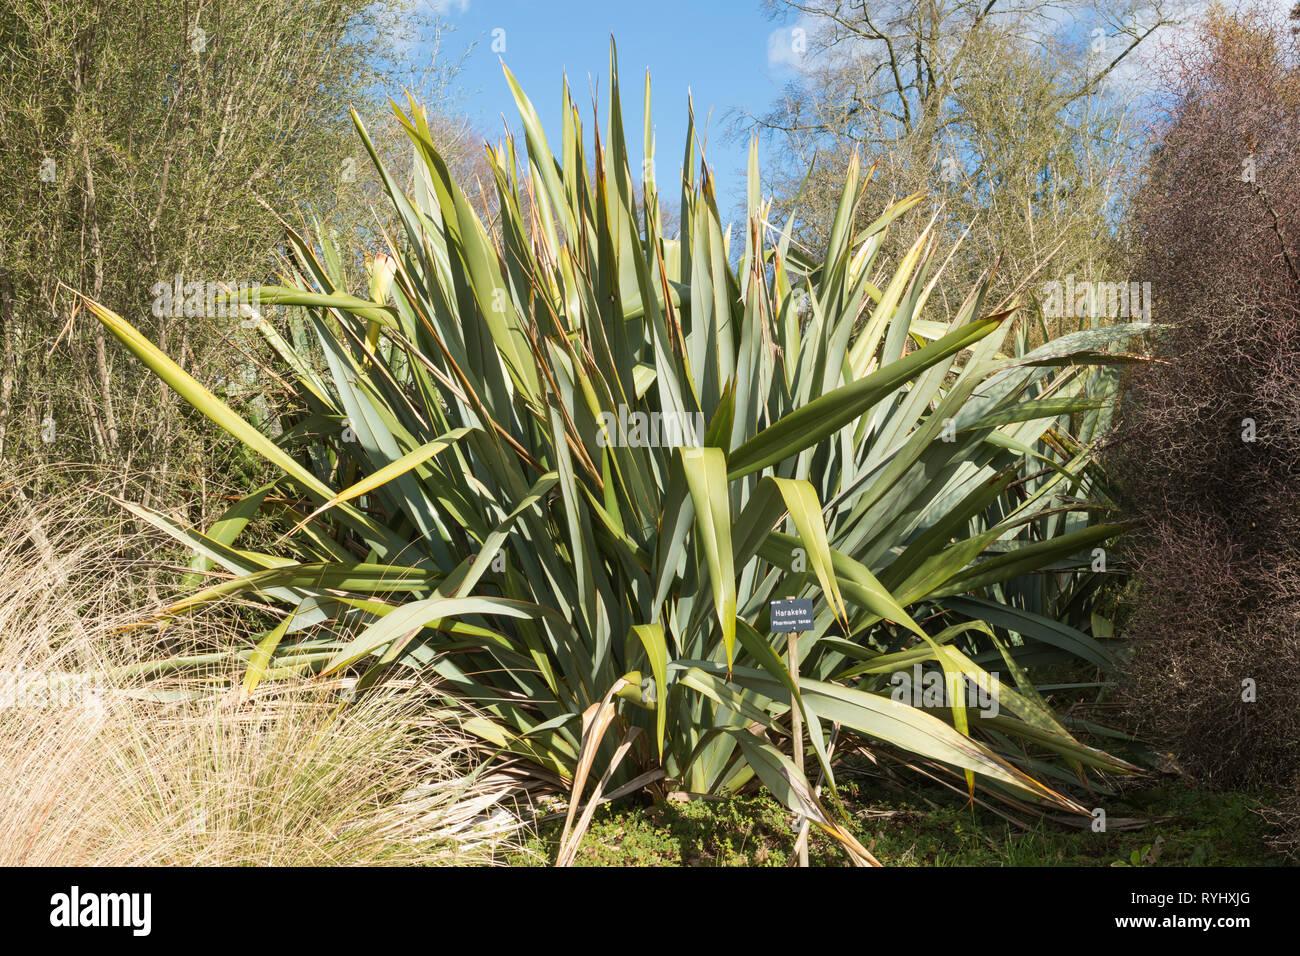 Harakeke, phormium Tenax, oder Neuseeland Flachs, ein immergrüner, mehrjährige Pflanze, die bei der Herstellung von Matten, Körbe, Bekleidung Stockfoto